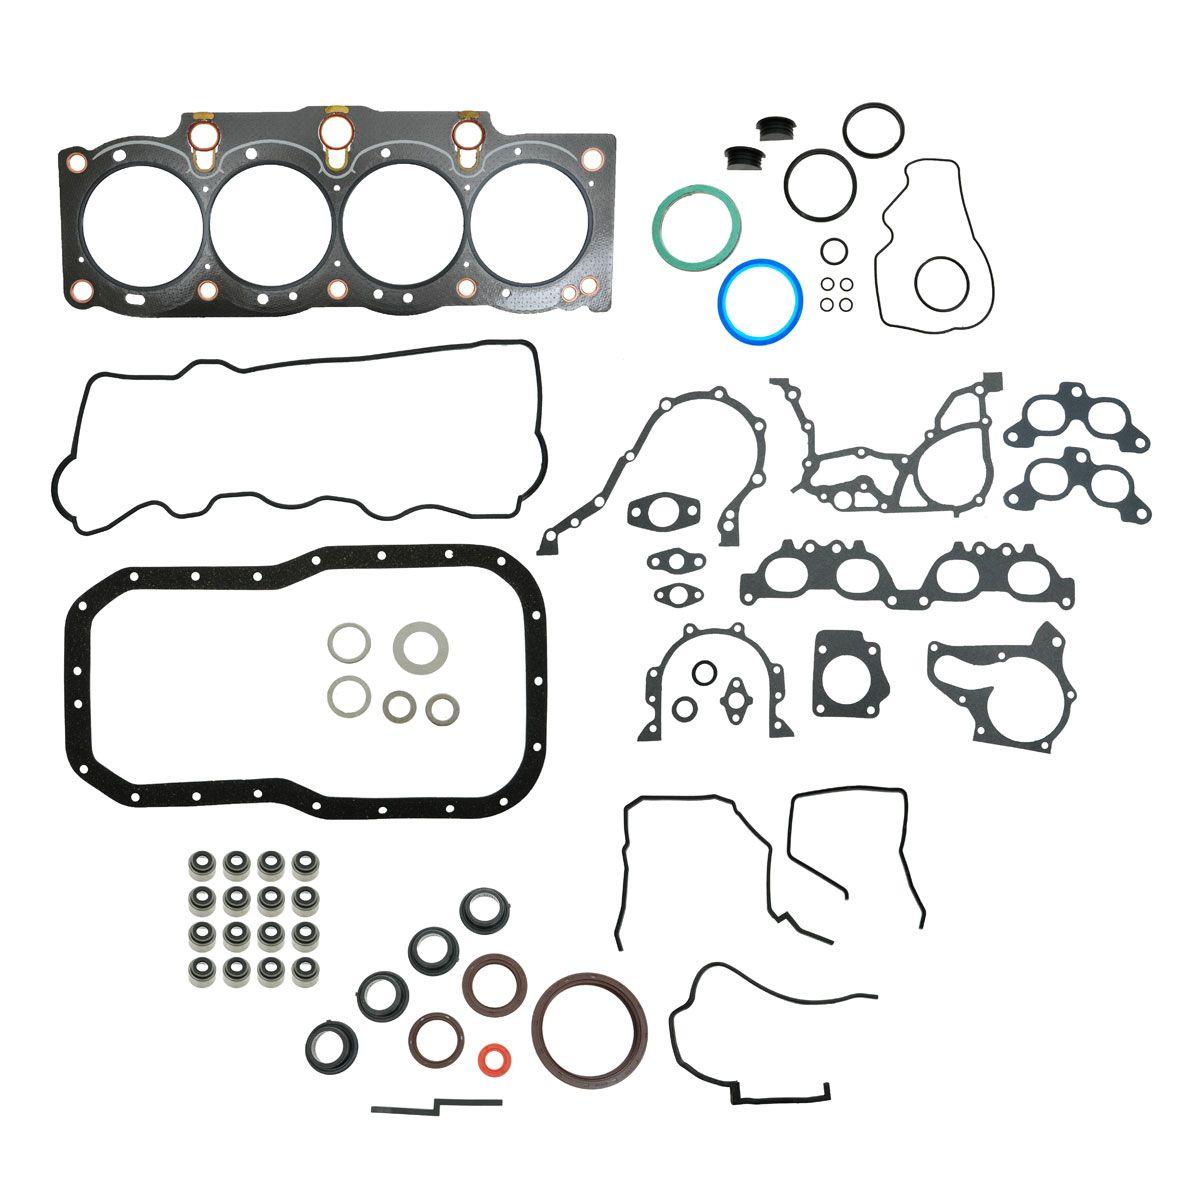 Complete Engine Gasket Set For Toyota Celica Mr2 Camry